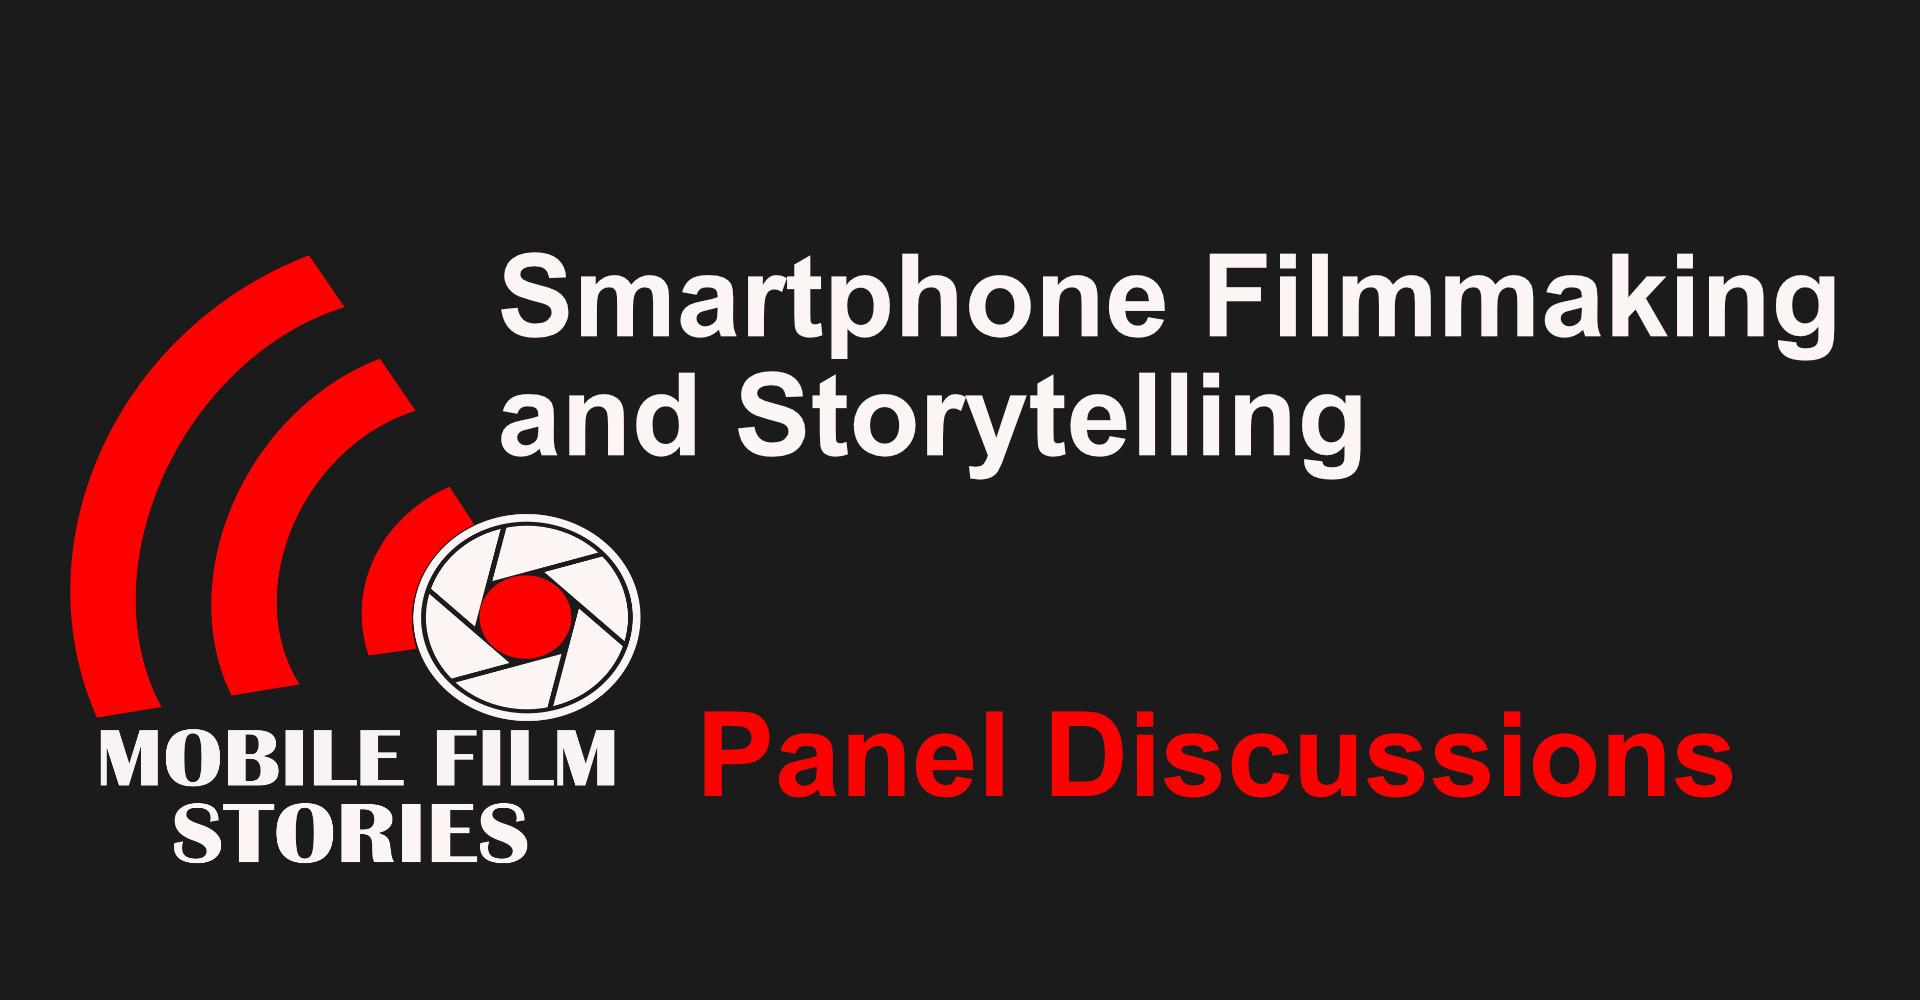 Smartphone filmmaking panel